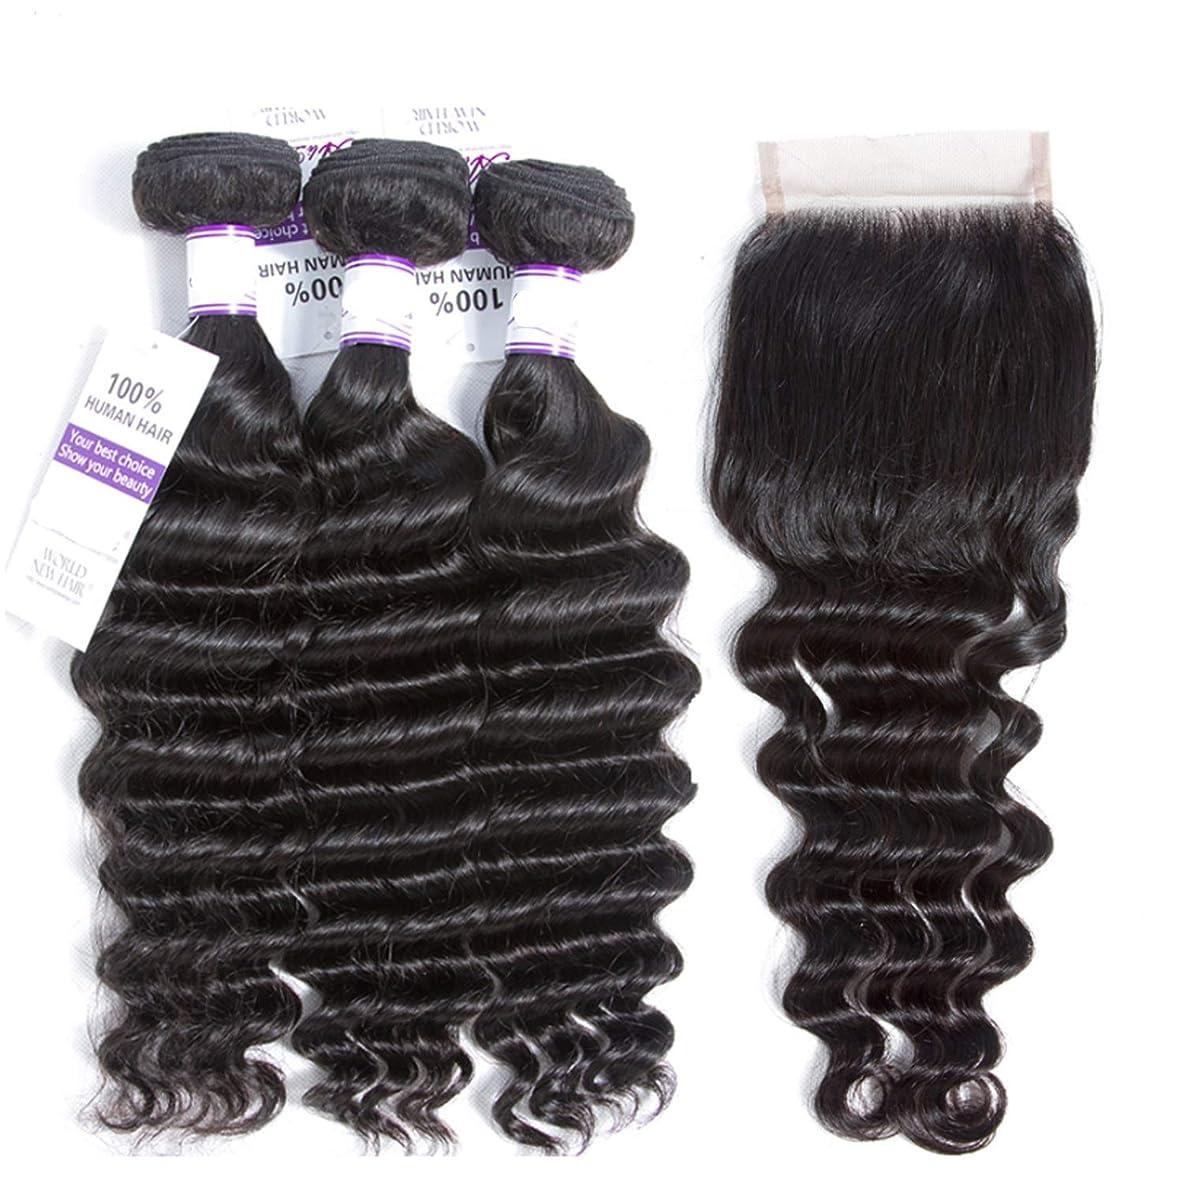 ブランチ安定避ける緩い深い波3バンドルで4 * 4閉鎖ブラジル髪織りバンドル非レミー100%人毛エクステンション かつら (Length : 26 26 26Cl20, Part Design : FREE PART)